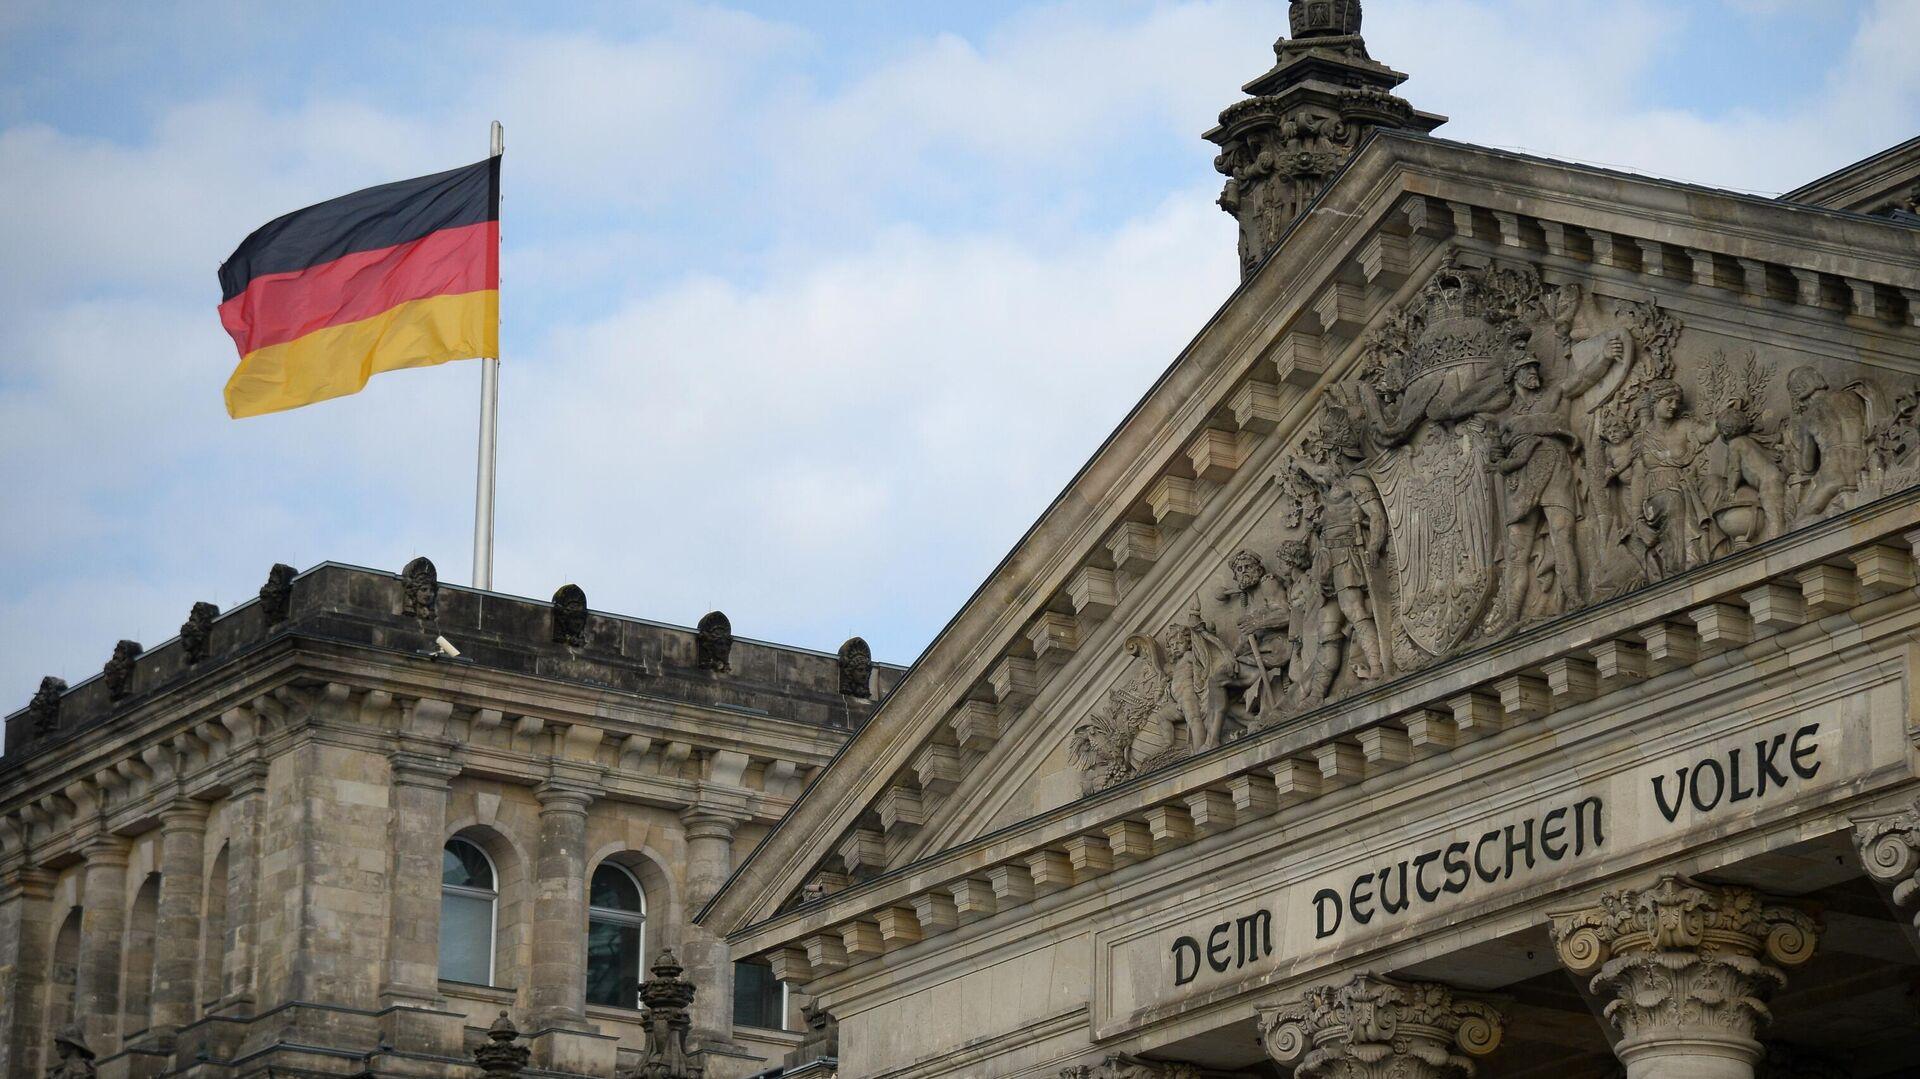 Национальный флаг Федеративной Республики Германии над зданием Будестага в Берлине в день выборов в парламент Германии - РИА Новости, 1920, 27.09.2021